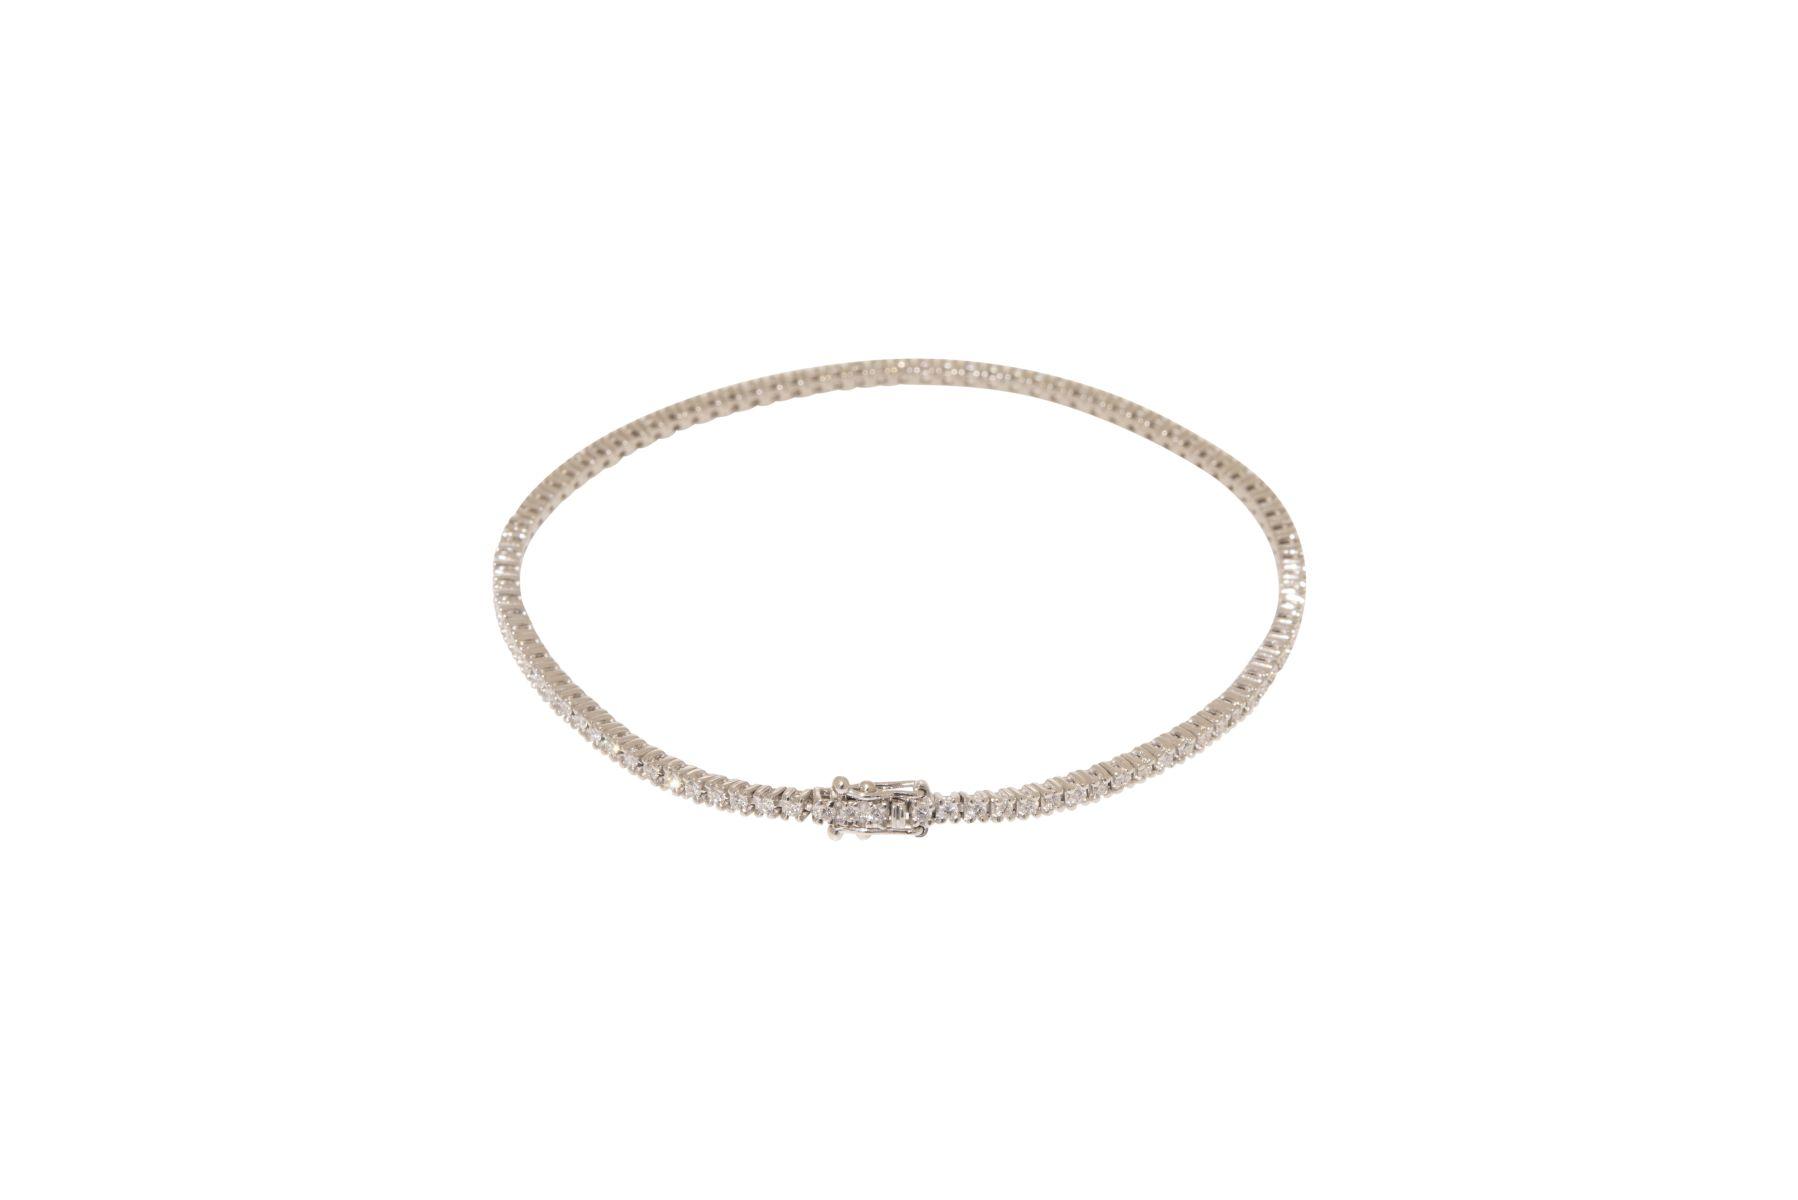 #130 Bracelet | Armband Image